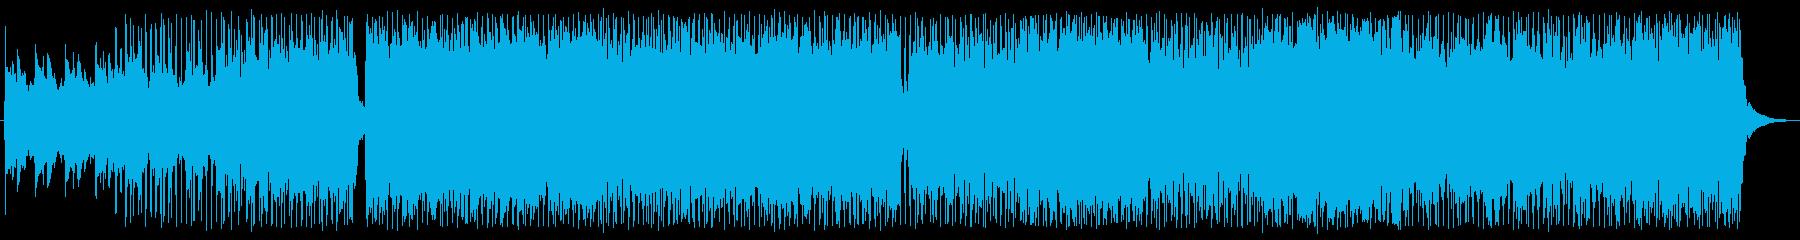 重厚 アクション 技術的な エレキギターの再生済みの波形